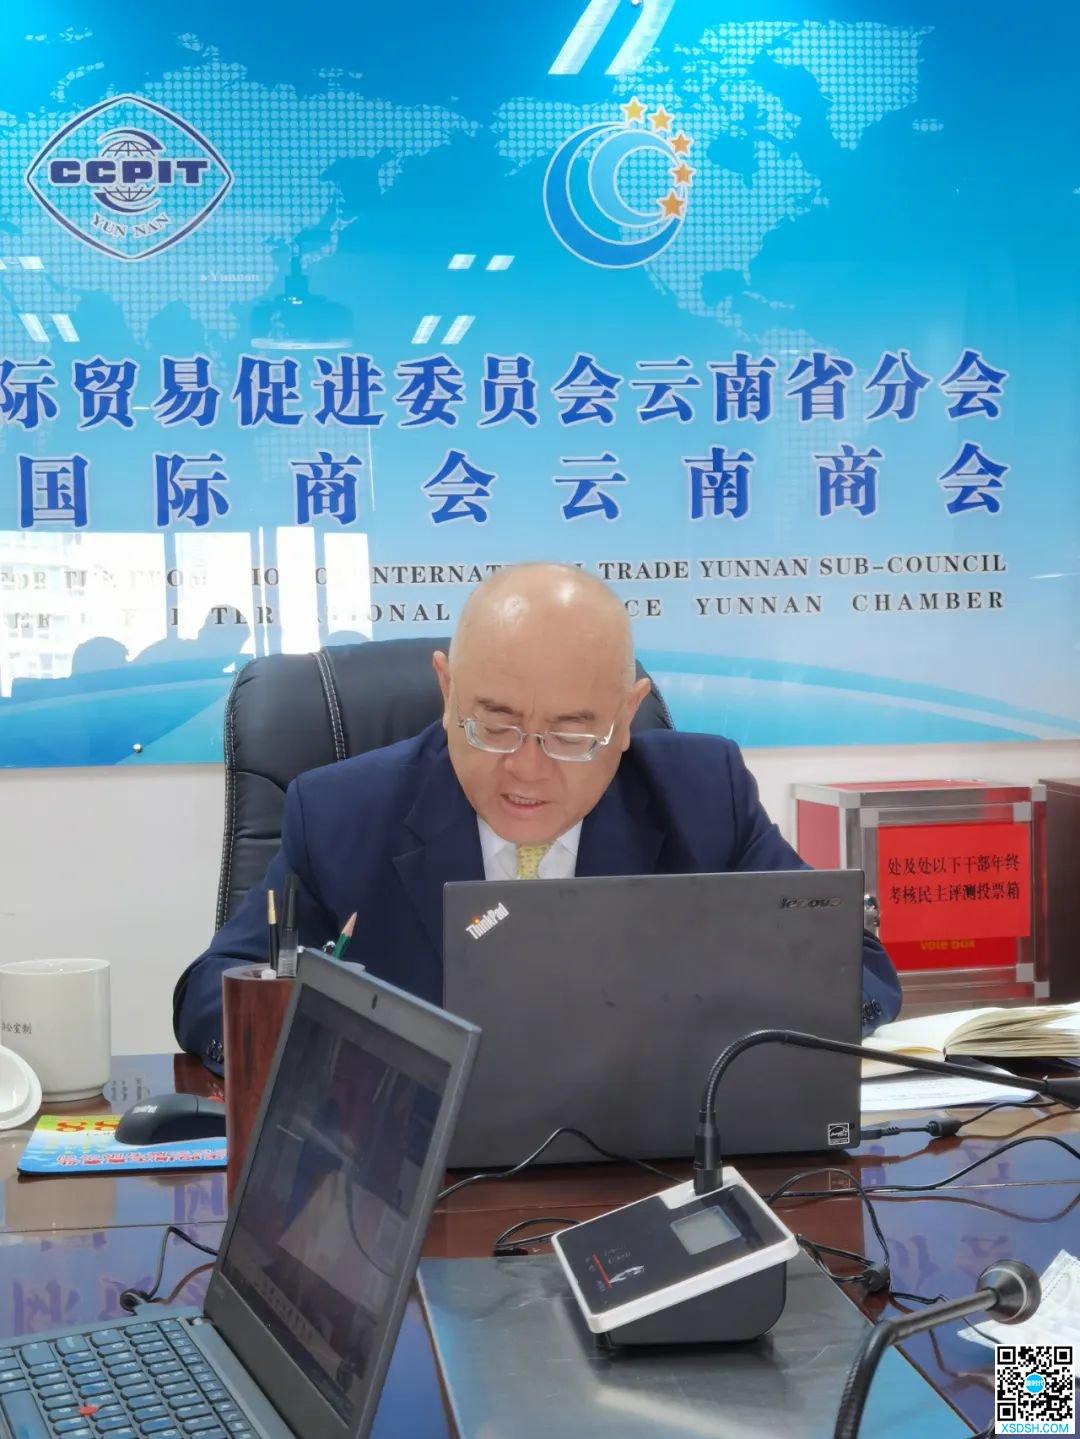 刘光溪会长参加全国贸促系统